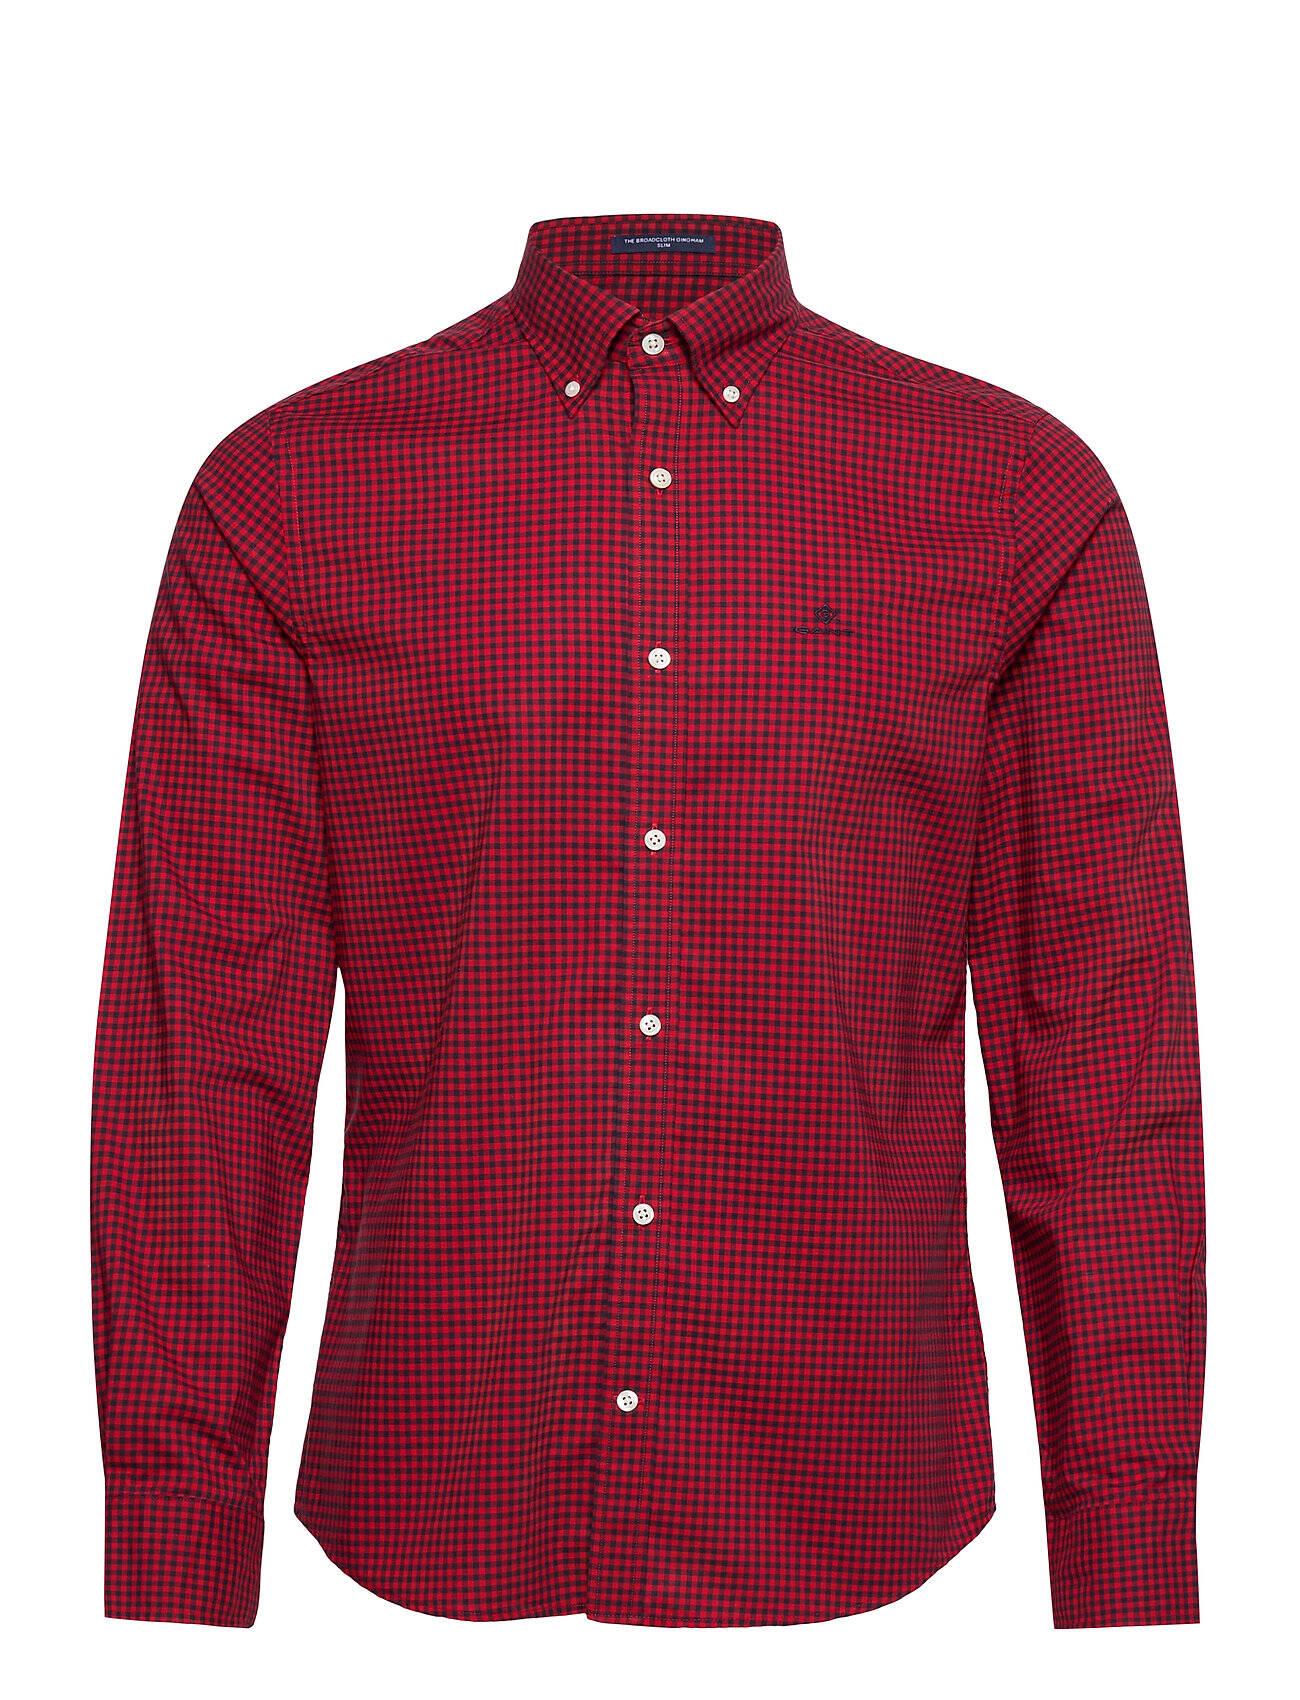 billiga gant skjortor